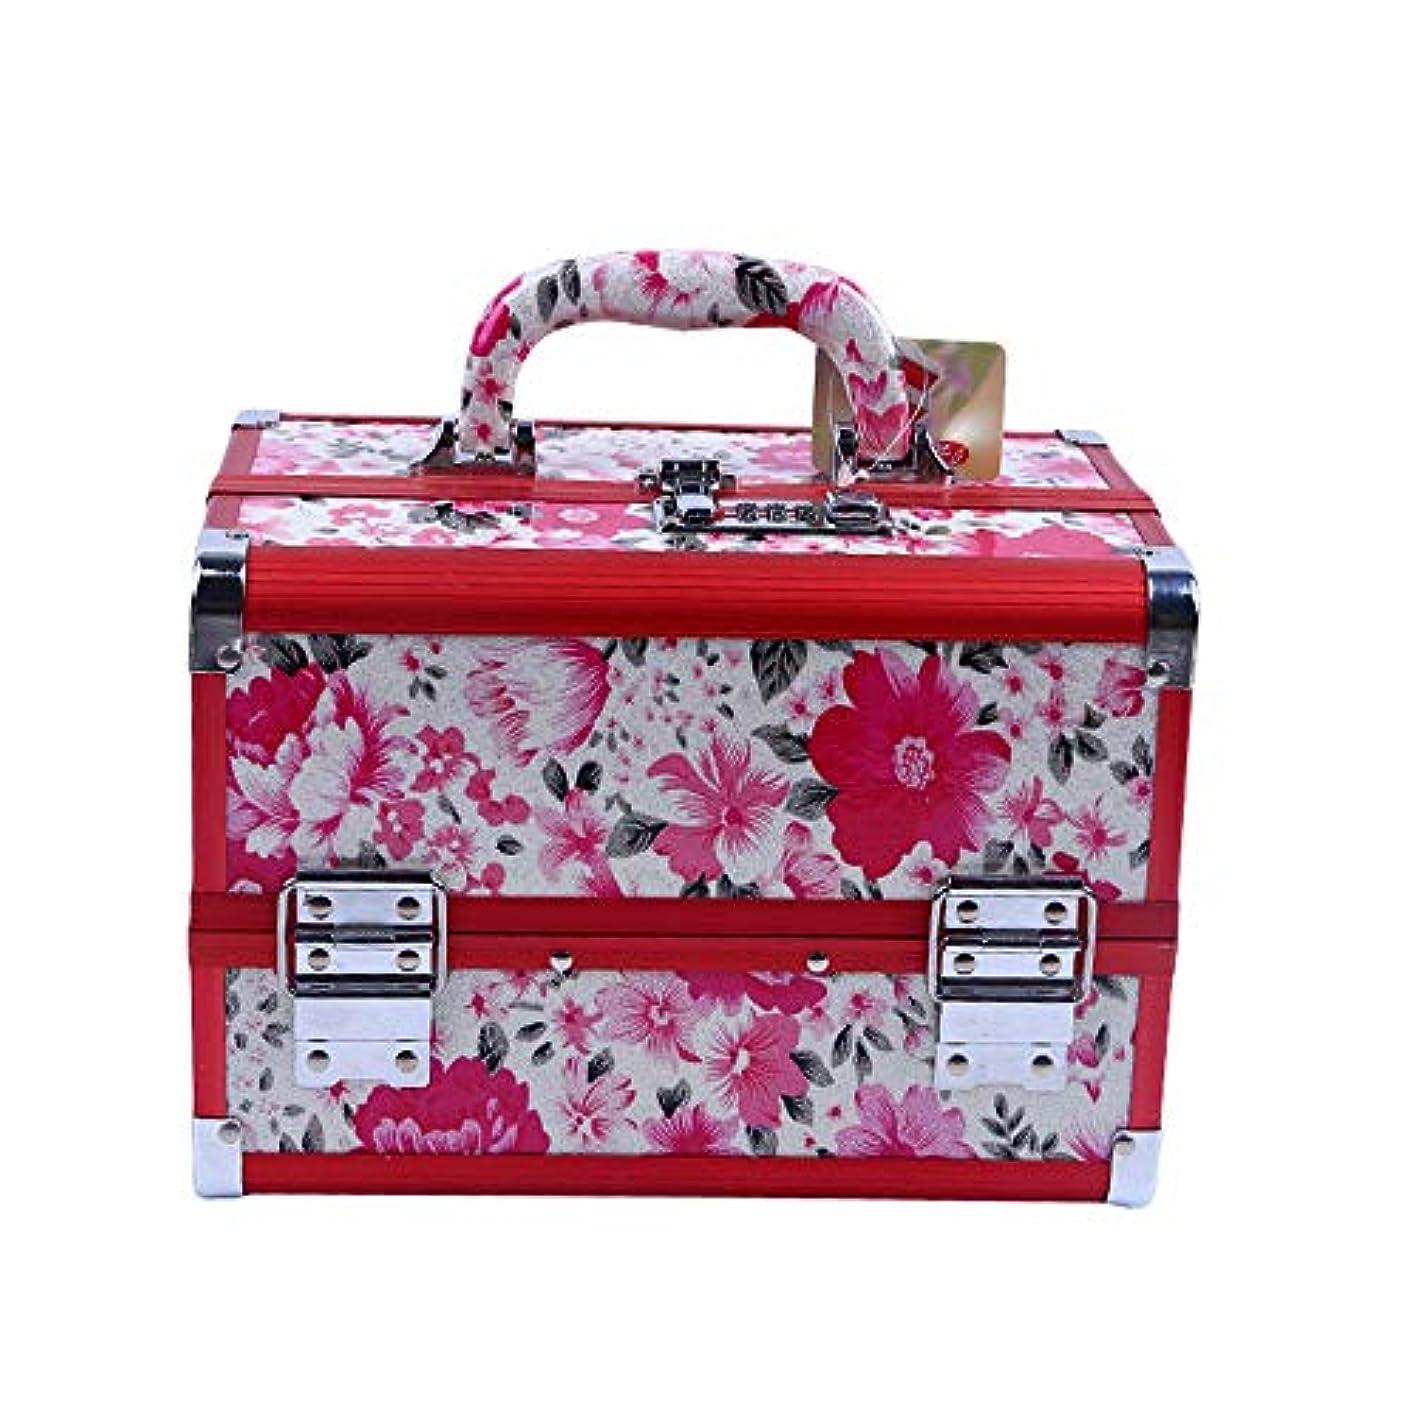 遺体安置所裕福な北へ化粧オーガナイザーバッグ 花のパターンポータブル化粧品ケース美容メイクアップと女の子の女性の旅行と毎日のストレージロック付きトレイ付き 化粧品ケース